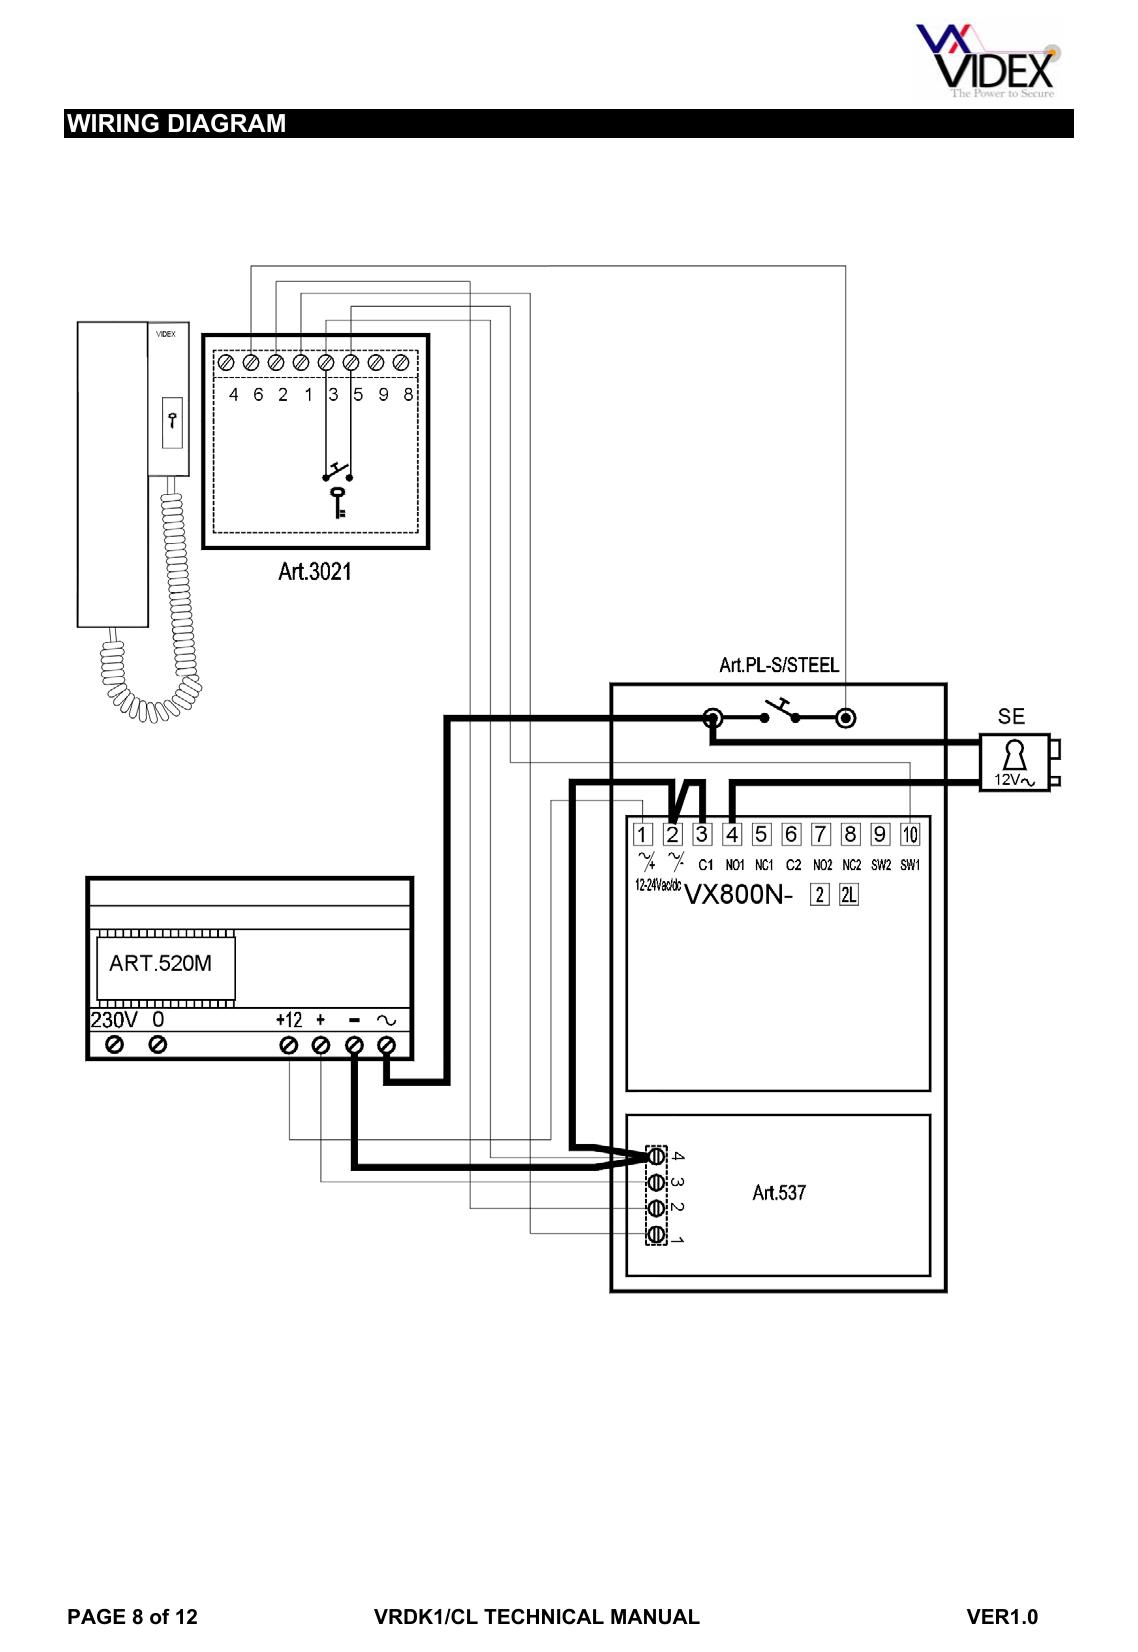 [SCHEMATICS_48DE]  AC_2699] Videx Smart 1 Wiring Diagram Free Diagram   Videx Smart 1 Wiring Diagram      Hroni Batt Oxyl Mepta Mohammedshrine Librar Wiring 101